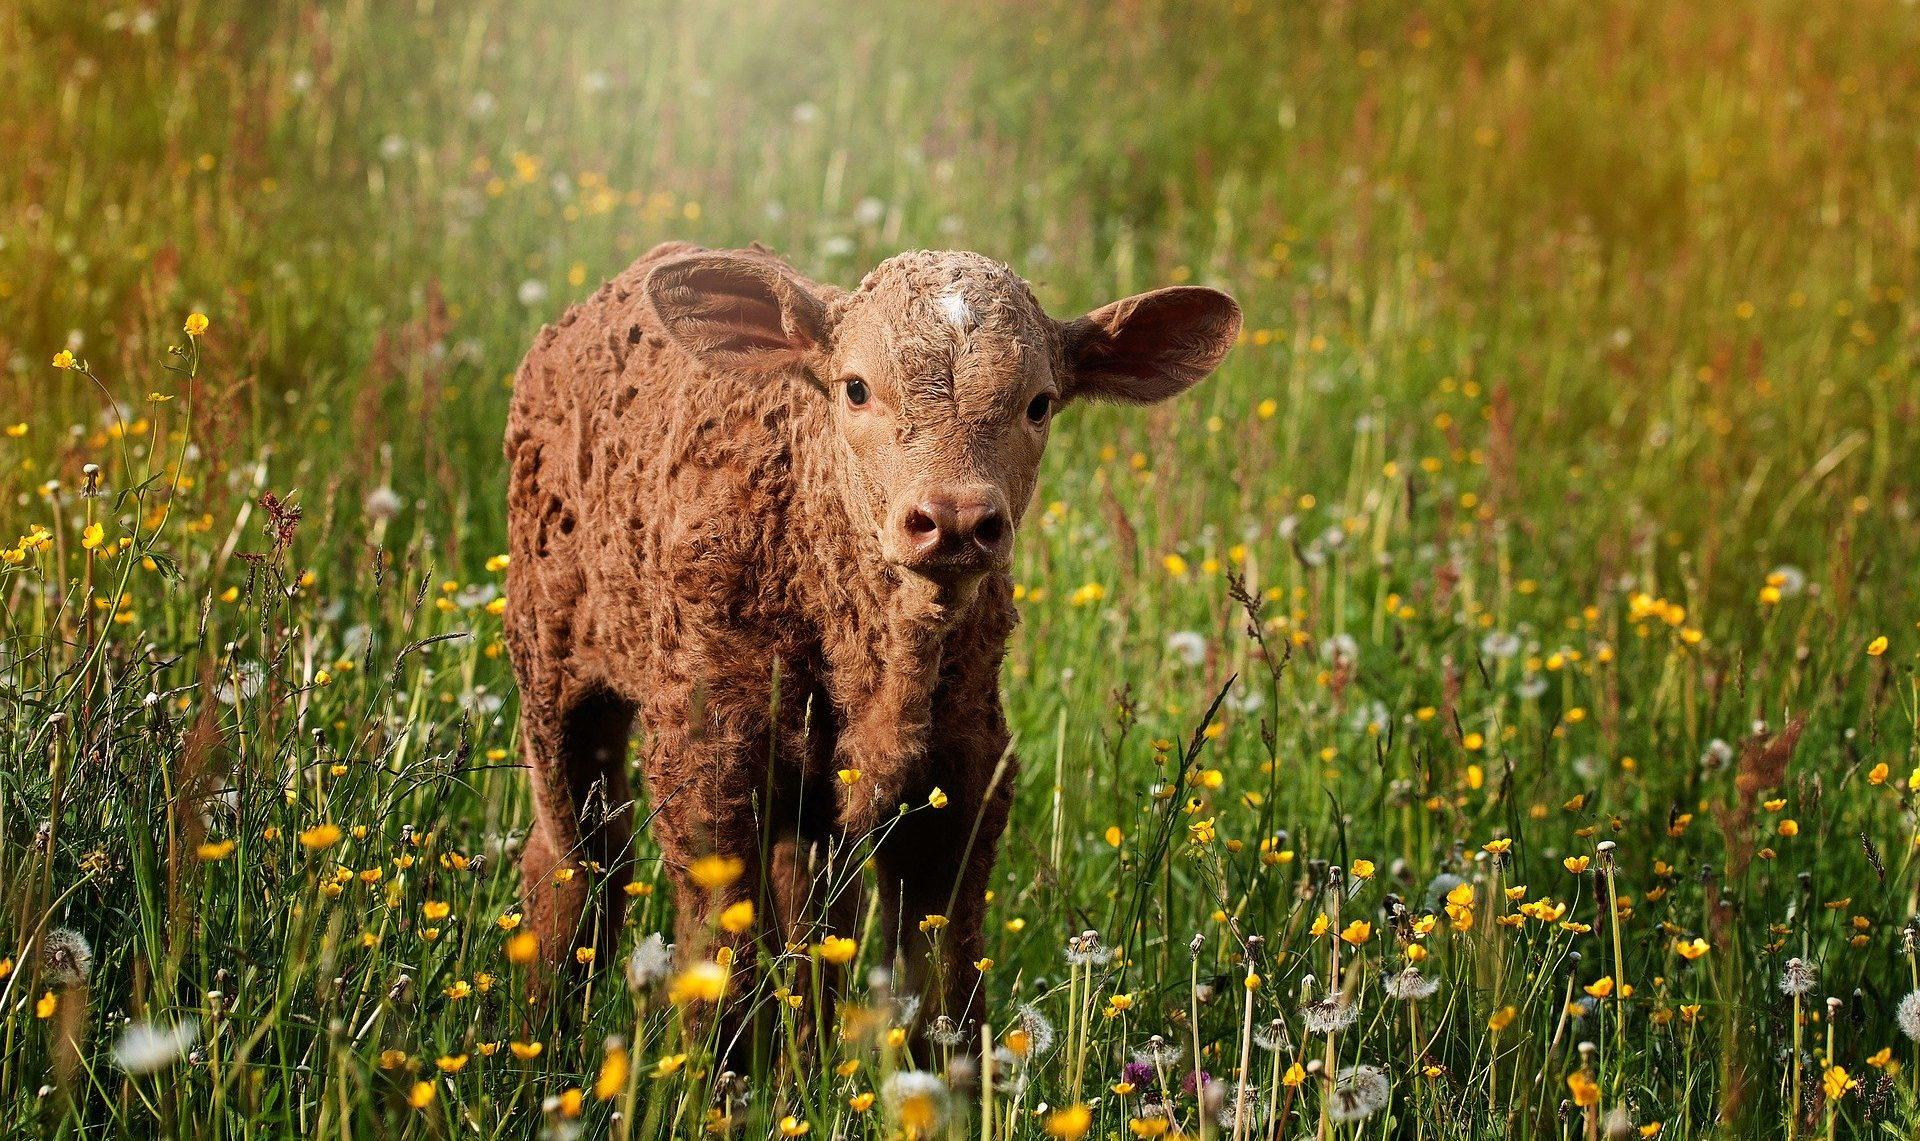 Un référent bien-être dans les élevages en 2022